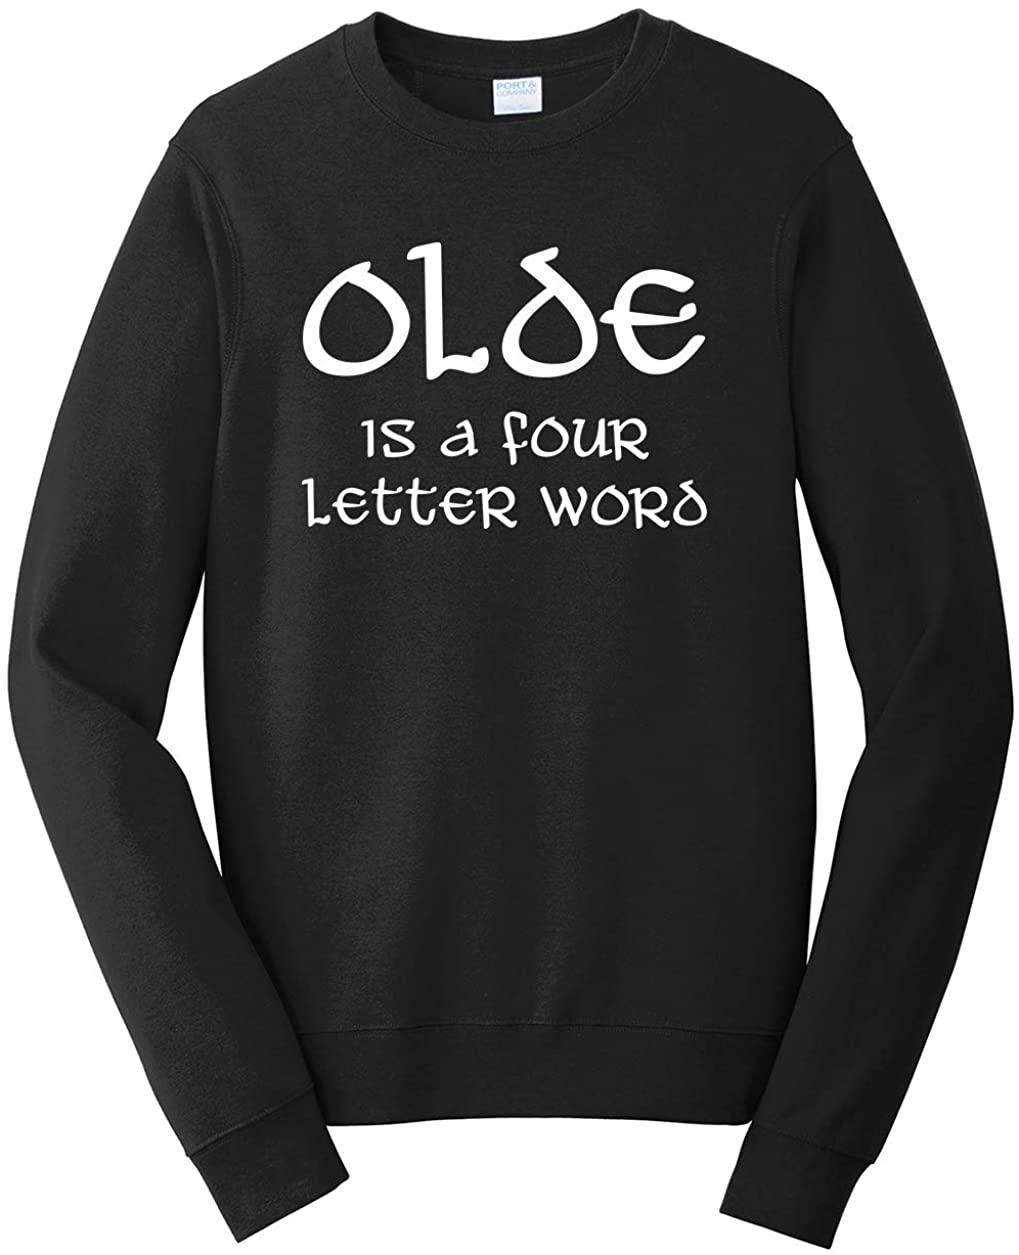 Tenacitee Men's Olde is a Four Letter Word Sweatshirt